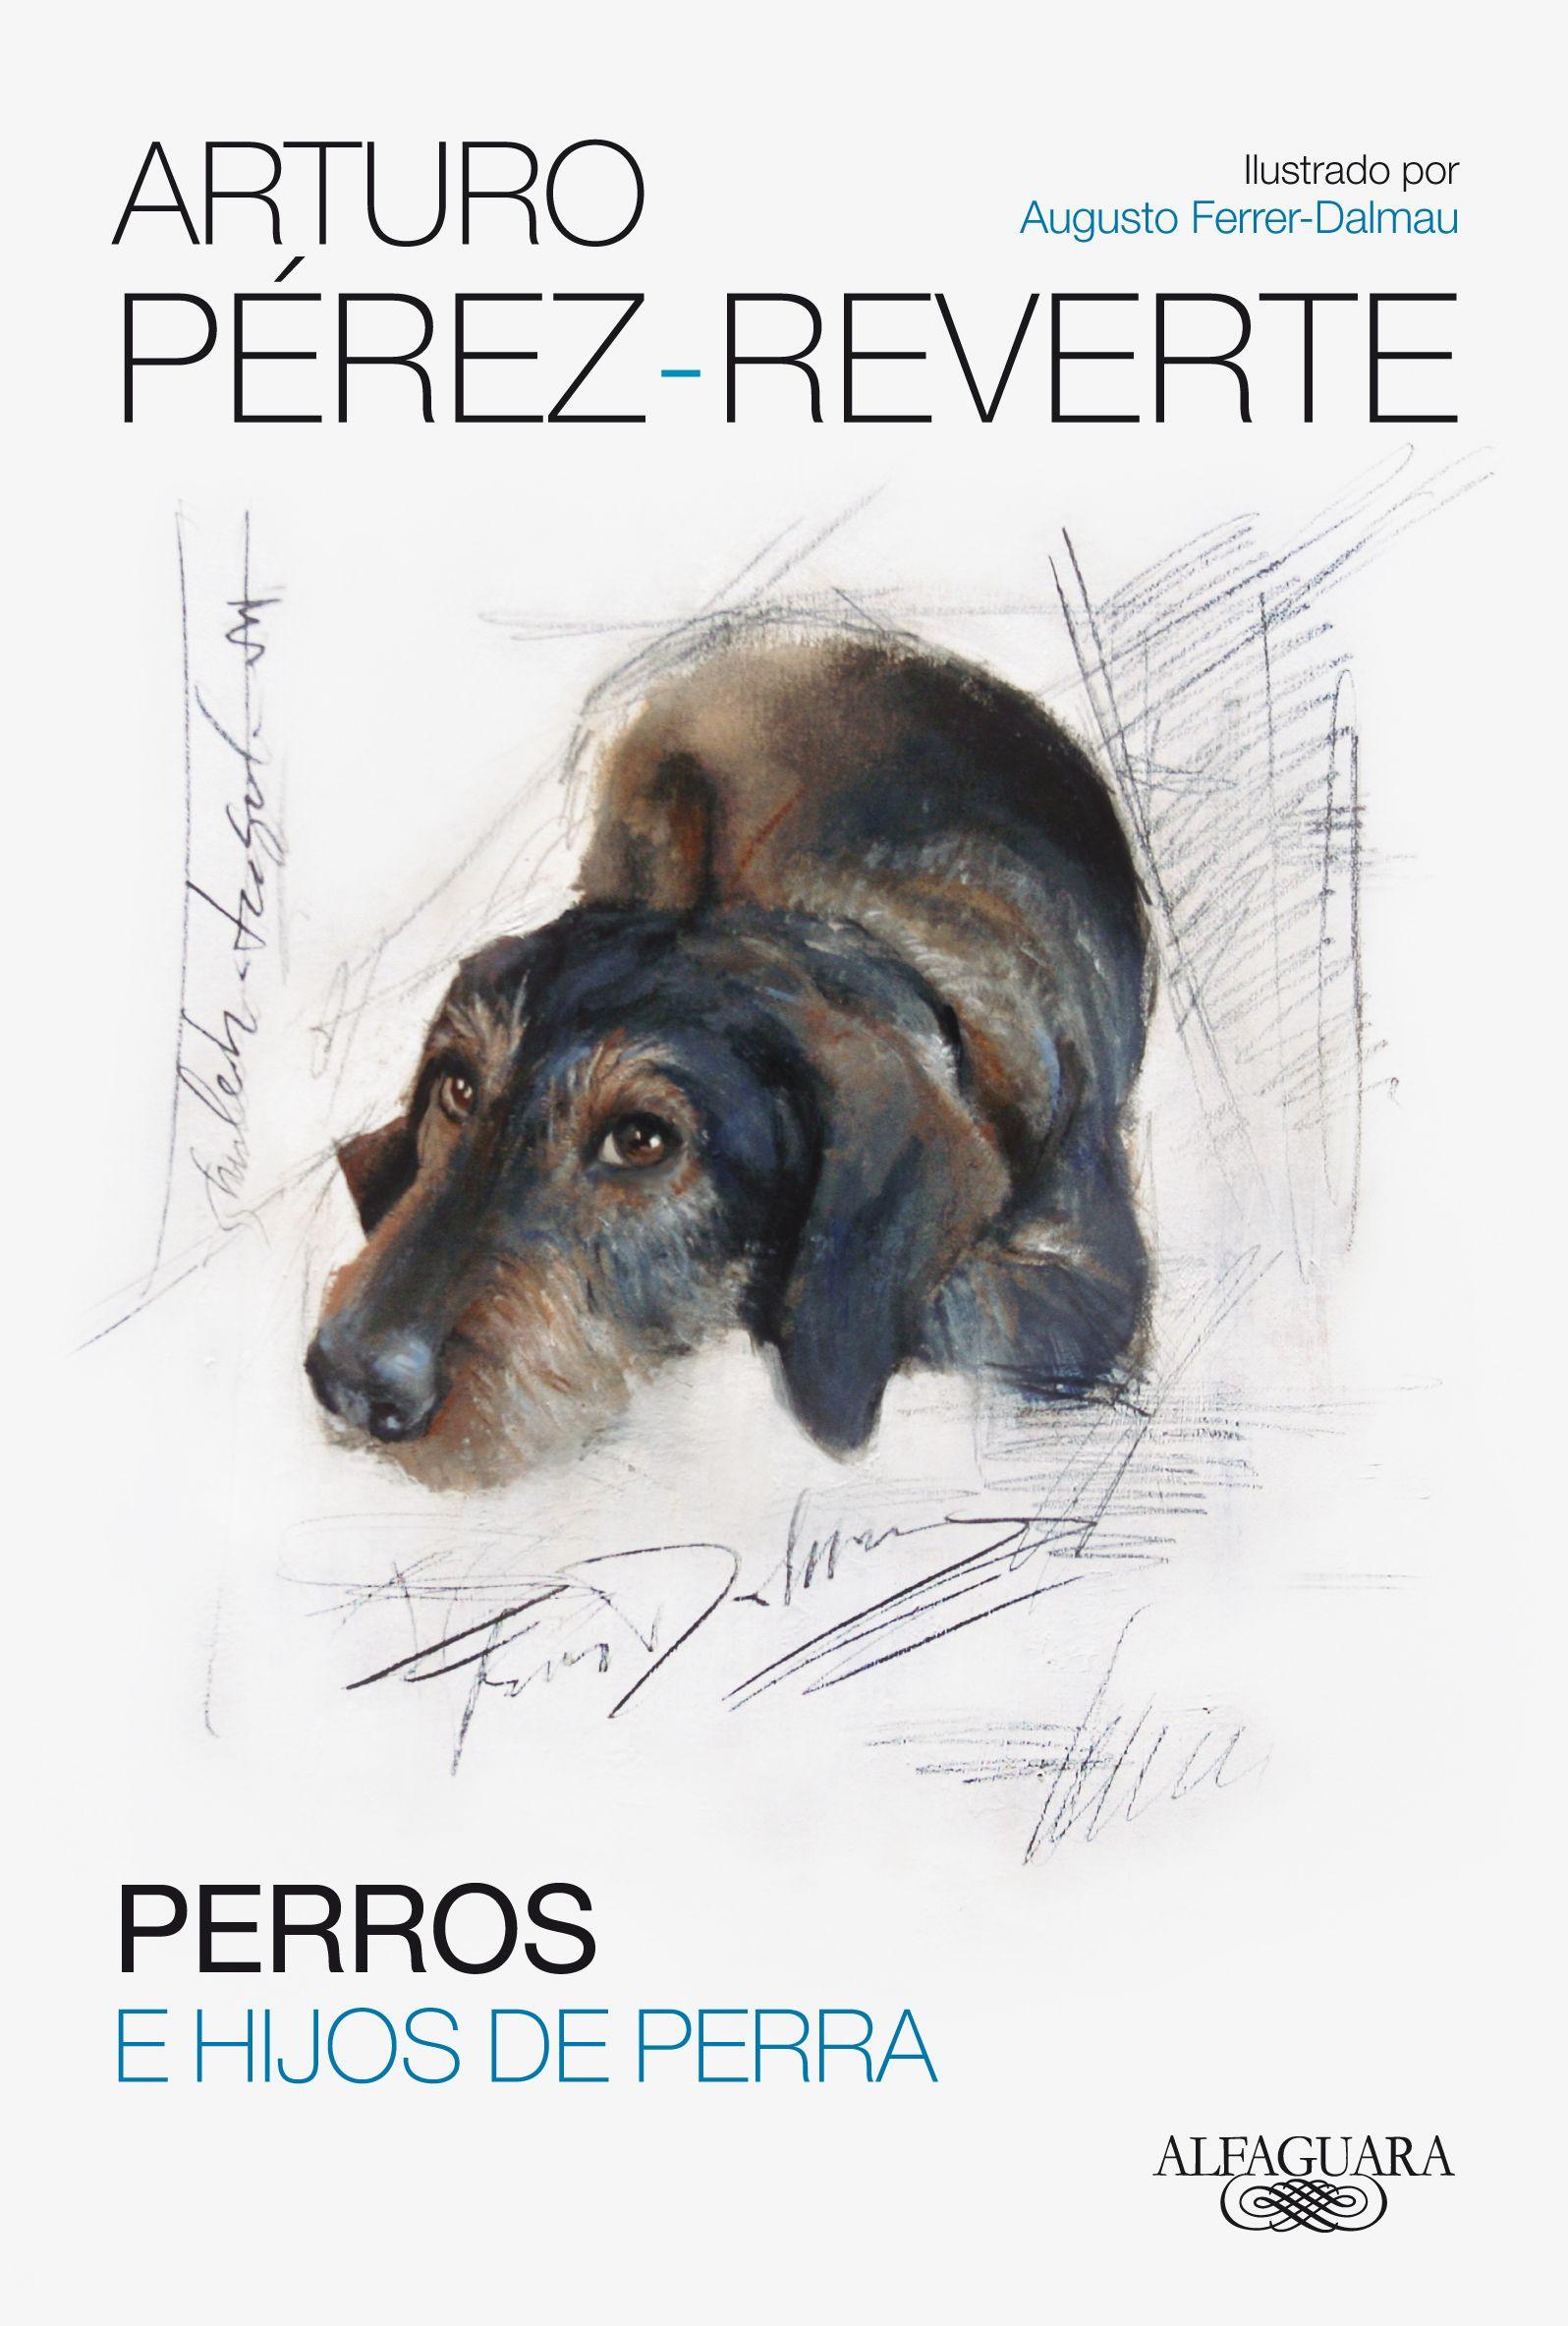 perros e hijos de perra-arturo perez-reverte-9788420417868